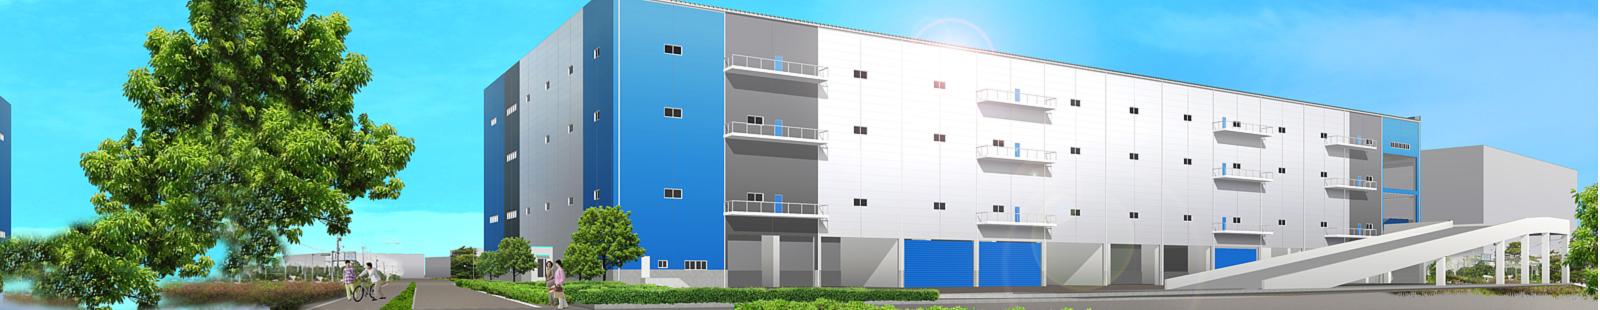 習志野新倉庫